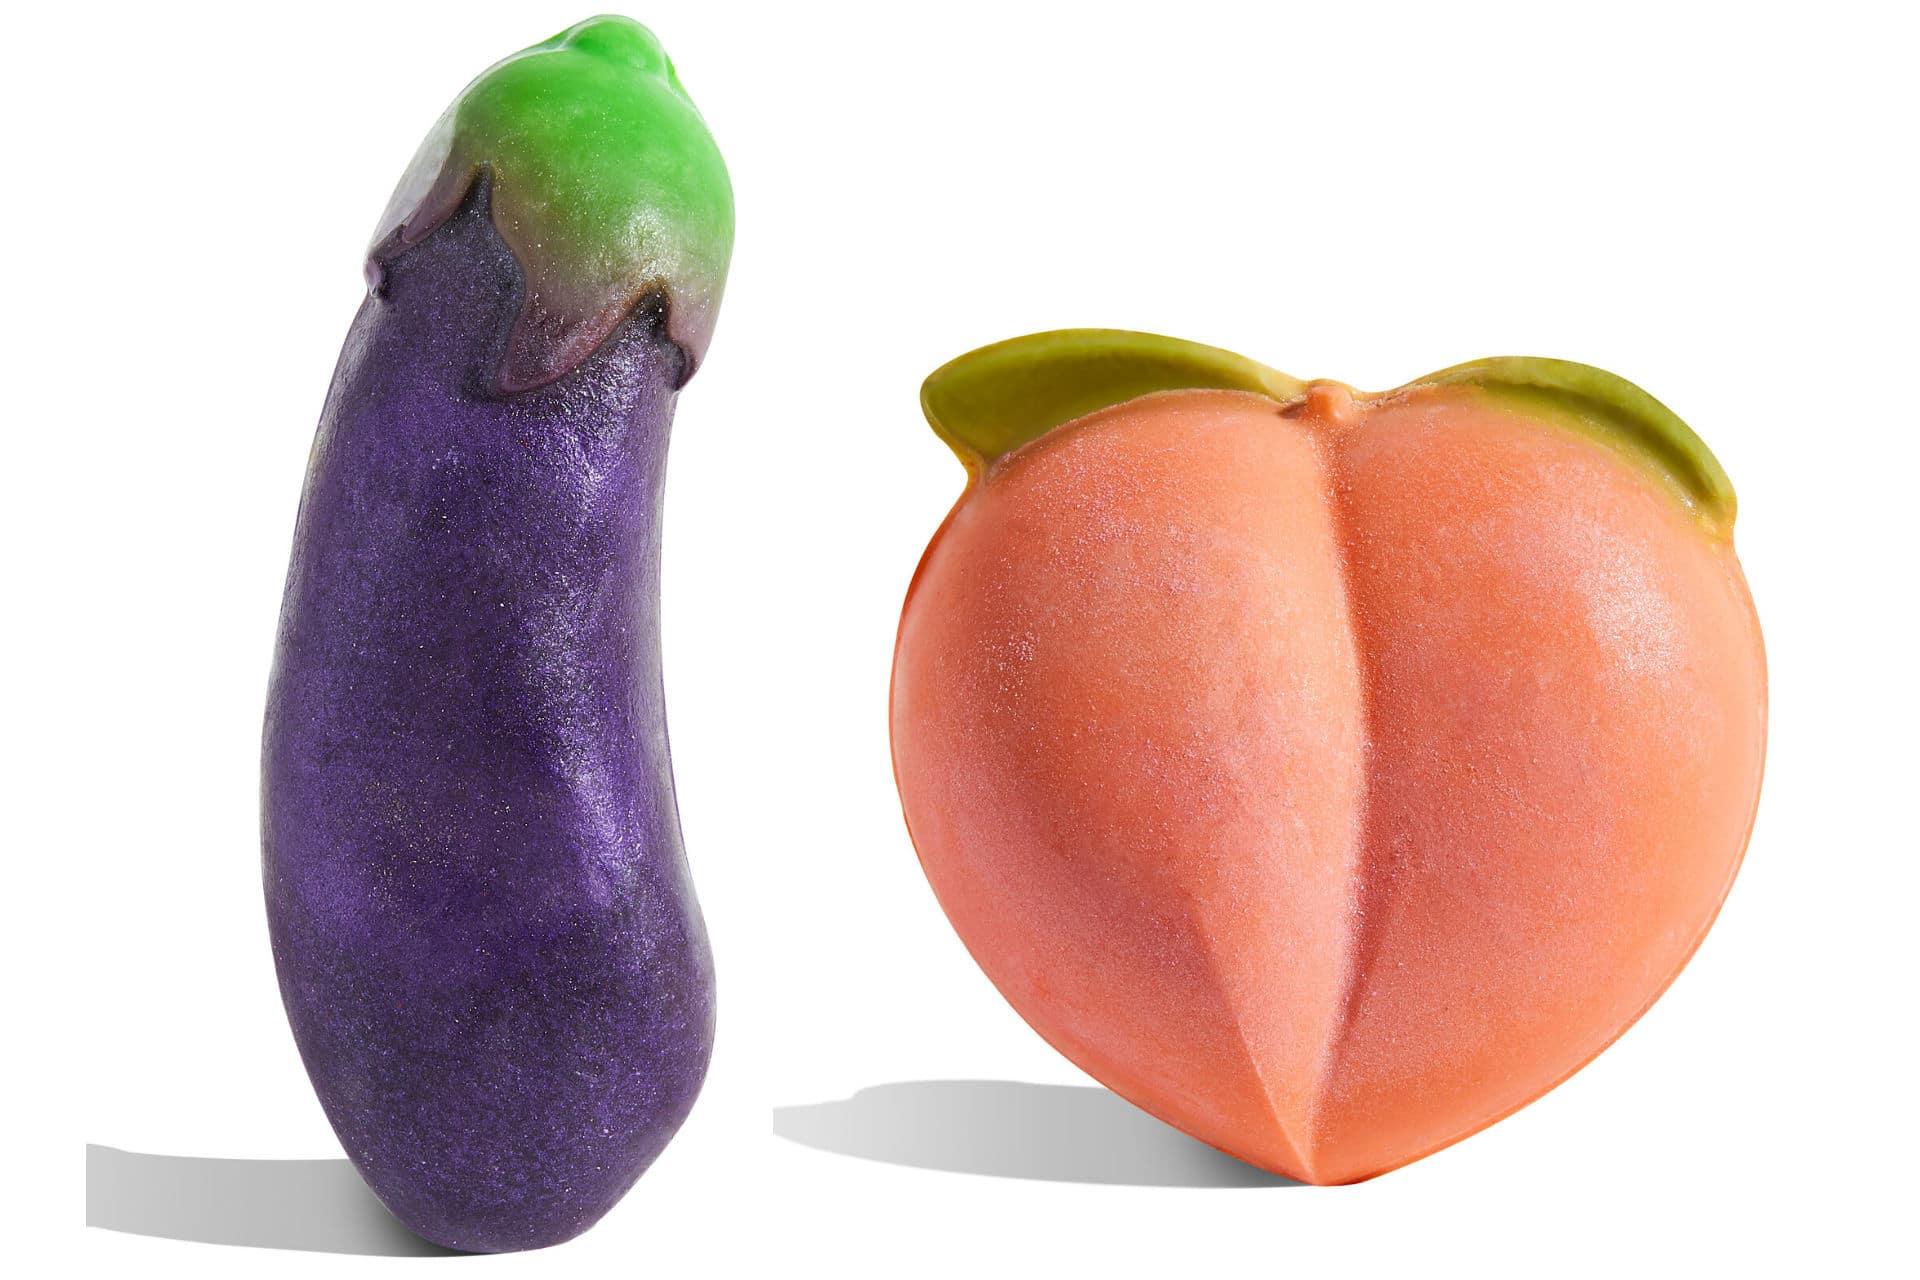 peach and eggplant emoji-shaped soaps